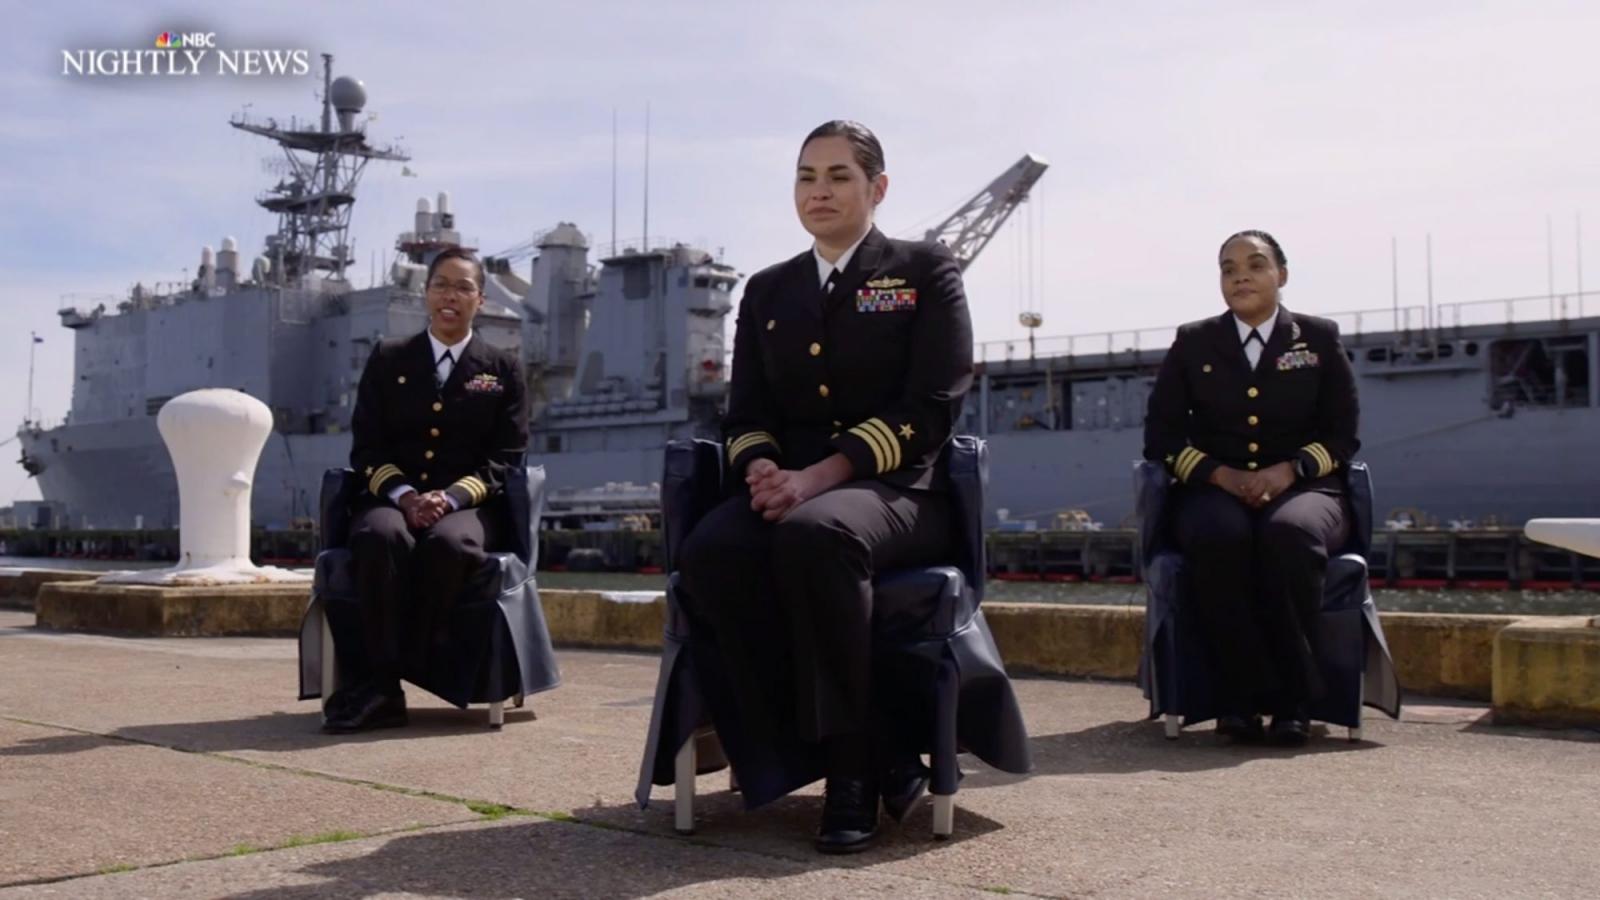 Lần đầu tiên Mỹ có 4 chỉ huy chiến hạm là phụ nữ da màu